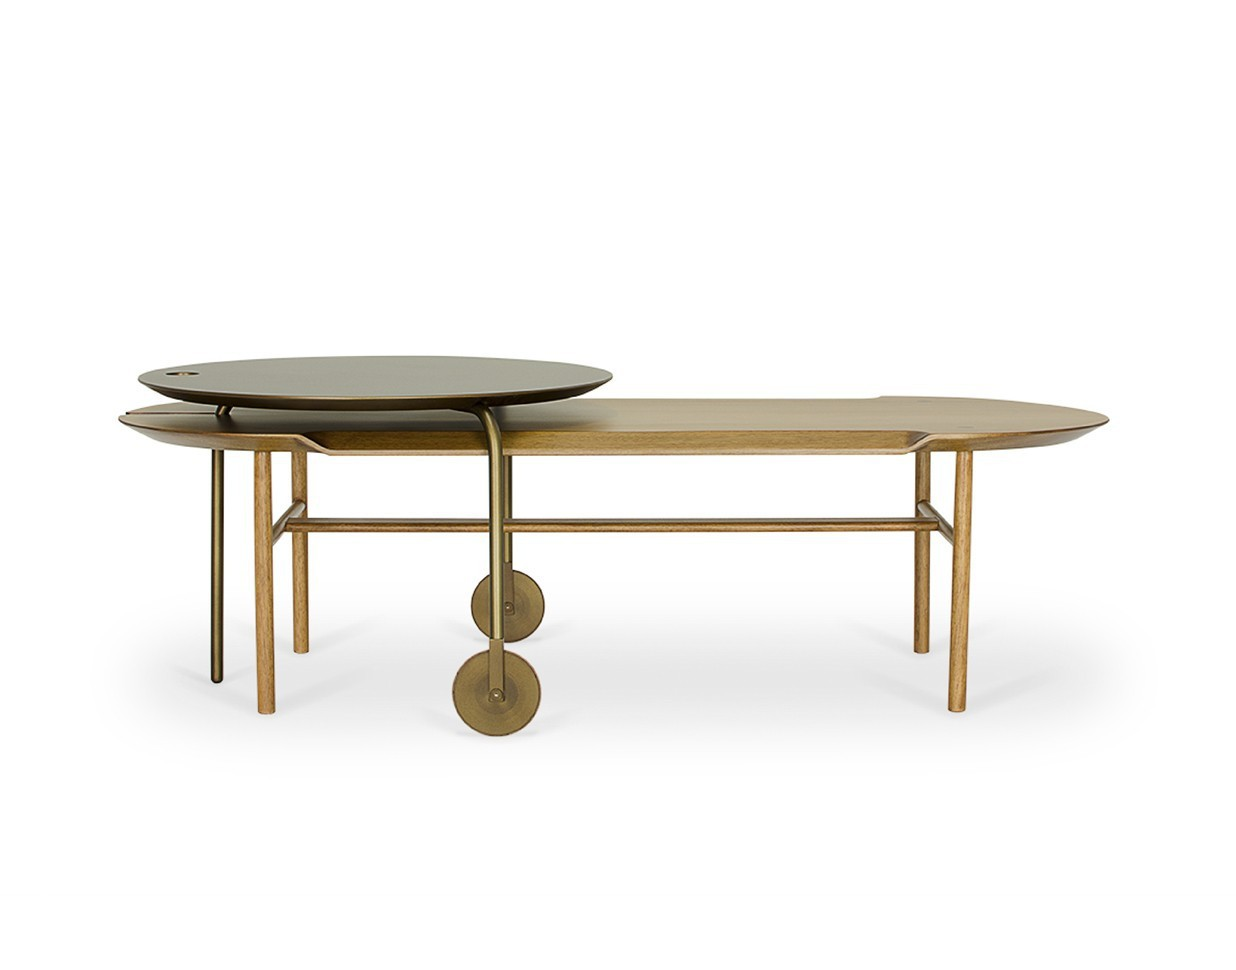 Mesa de Centro Camafeu Oblolnga (uma peça redonda e outra oval)